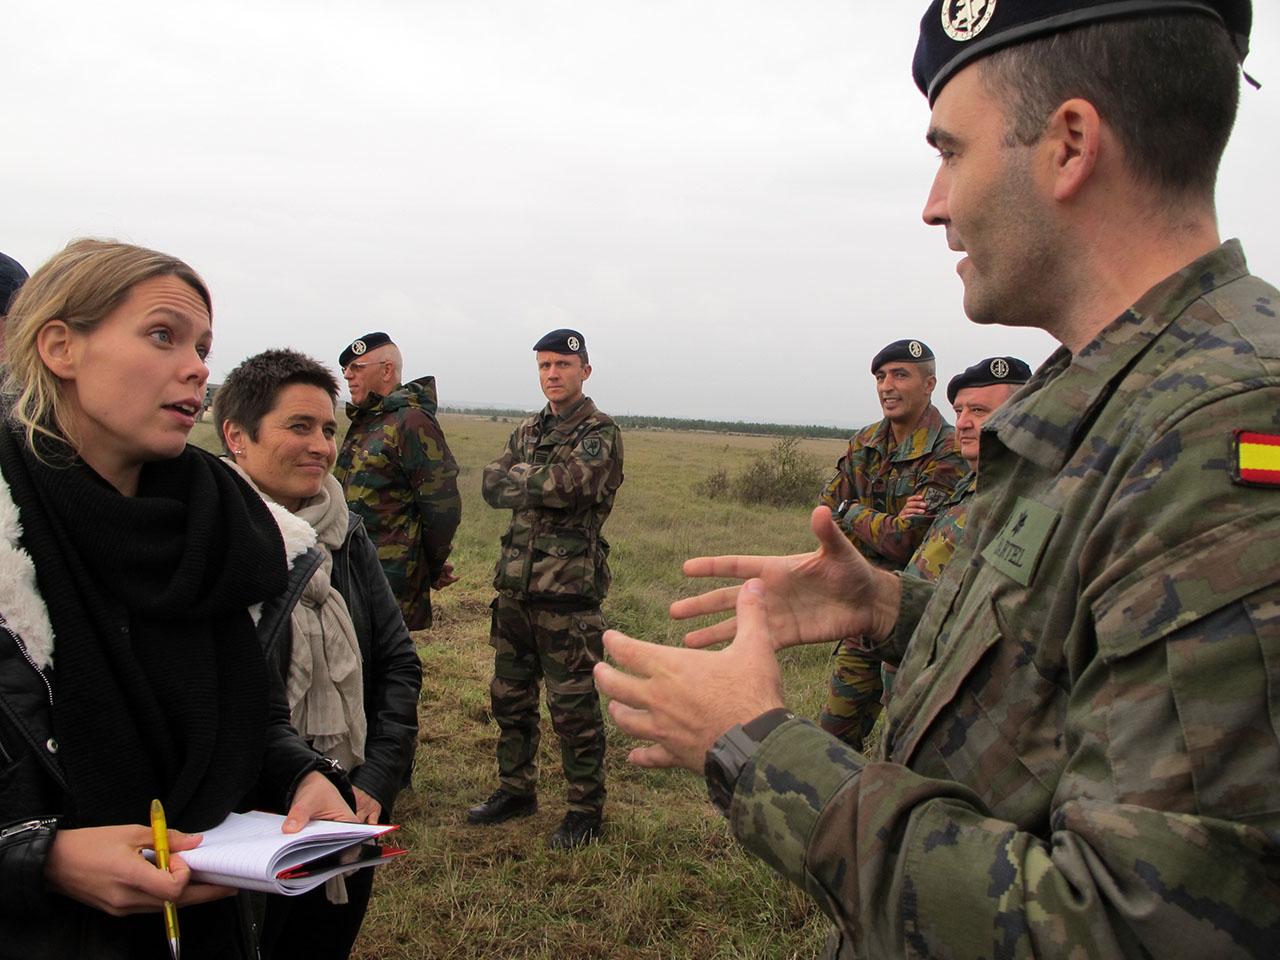 Interview af soldater under den øvelse Eurocore afholdt i oktober 2014. Det er Nina Svanberg, Omni (tv) og Ellen Kongsnes, Stavanger Aftenblad (bagerst tv). Foto: Joan Rask